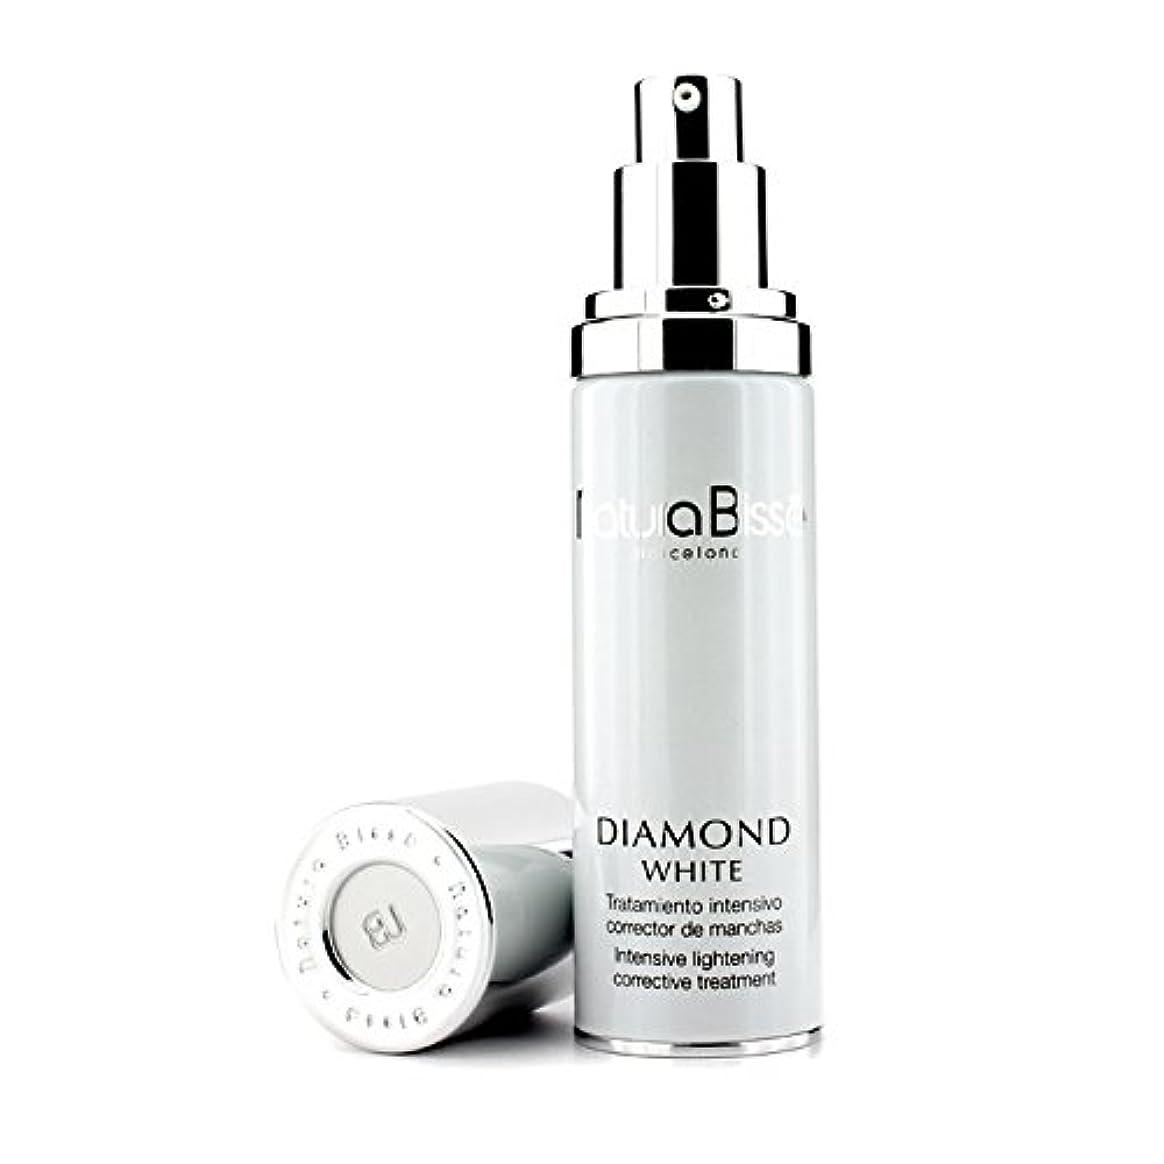 バーええレトルトナチュラビセ ダイアモンド ホワイト インテンシブ ライトニング セラム 50ml/1.7oz並行輸入品